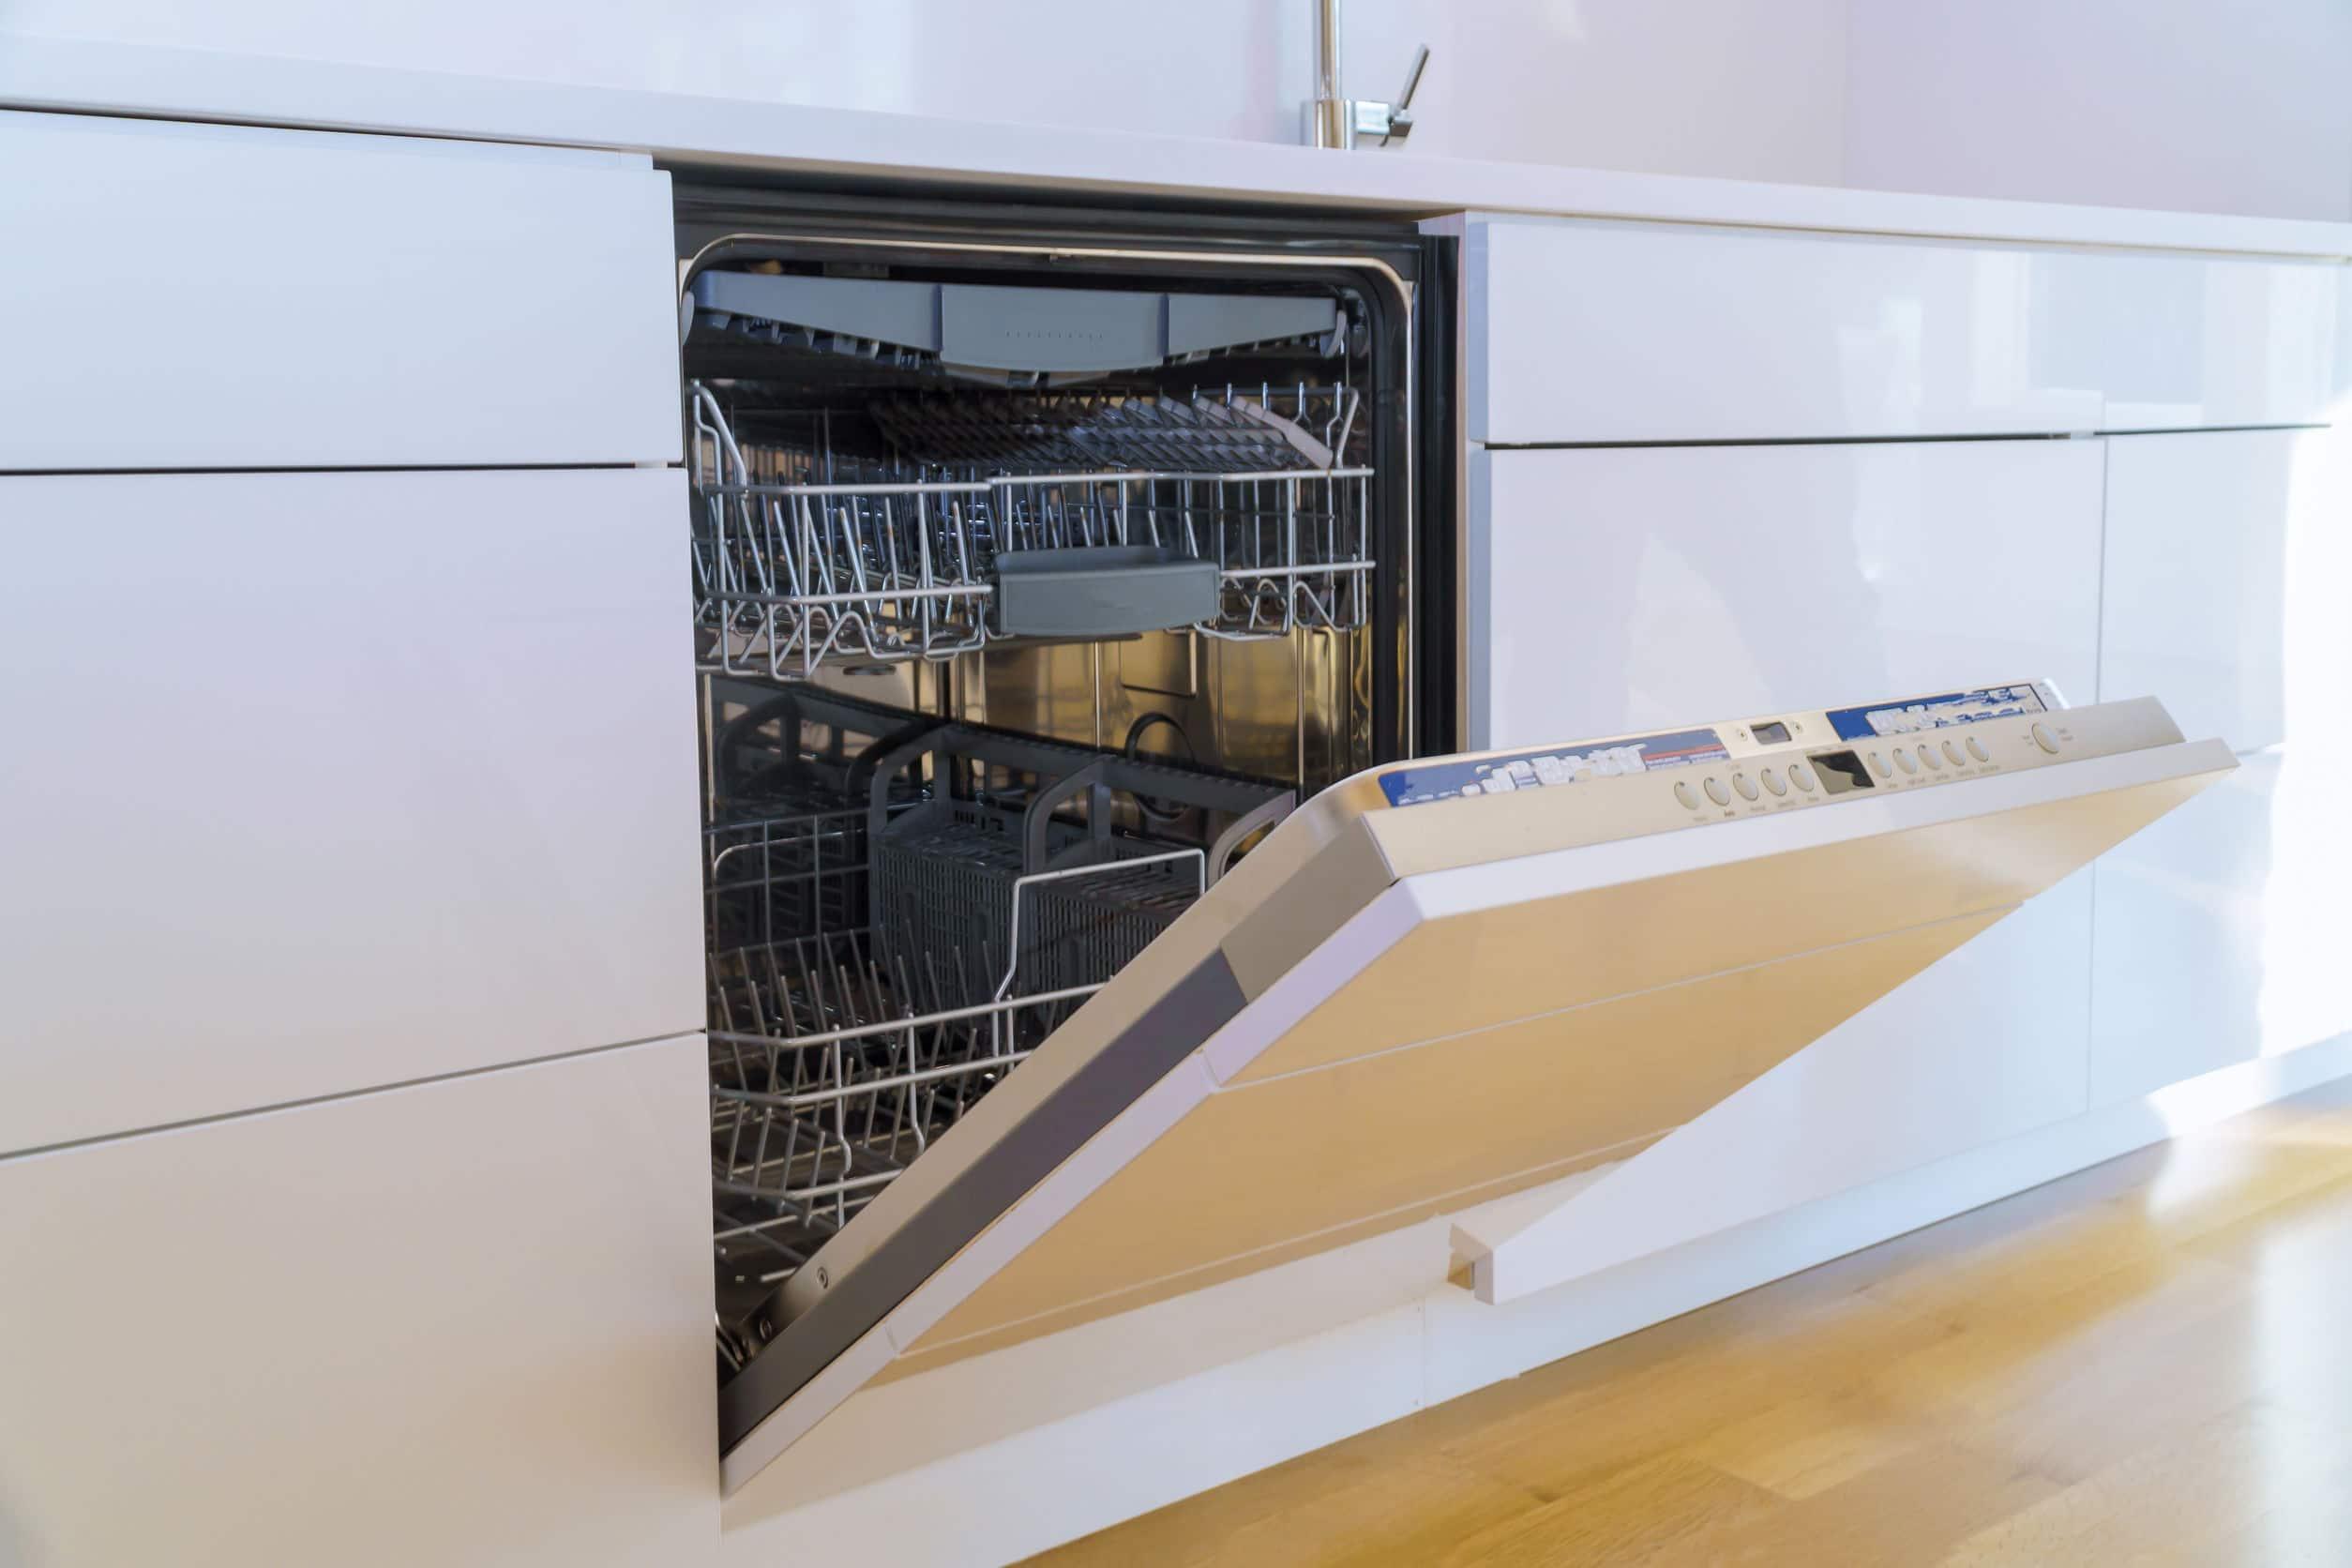 Vaatwassers Geschikt Voor Ikea Keuken 20 Vaatwassers Die Passen